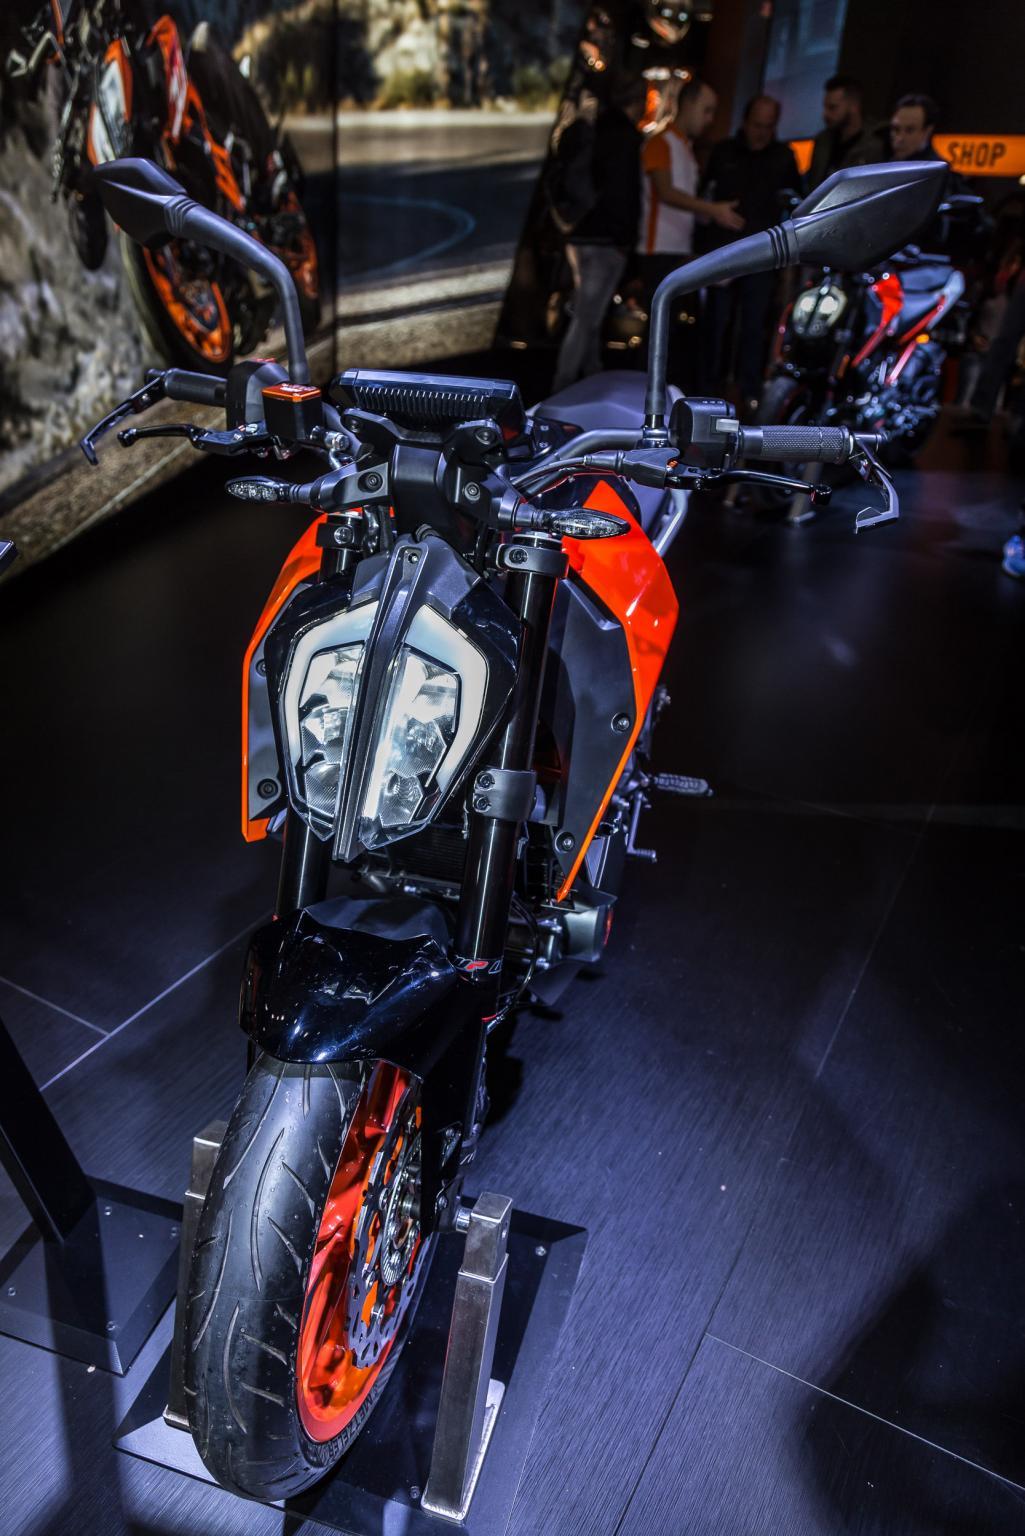 KTM 390 Duke 2017 Motorrad Fotos Motorrad Bilder 1025x1536